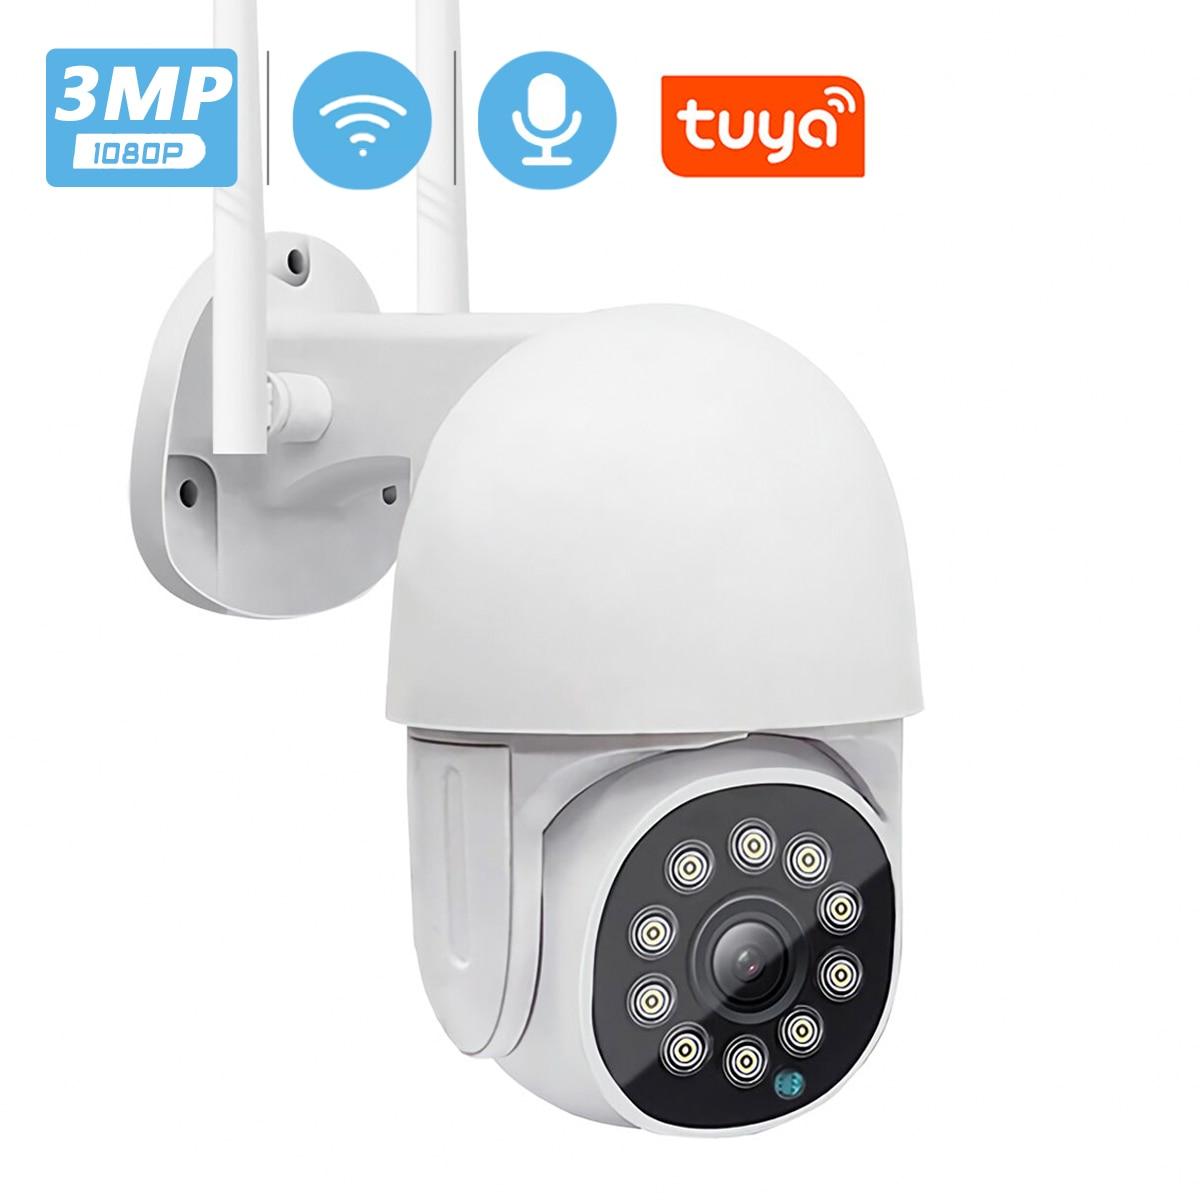 3MP HD Tuya умная домашняя IP камера 4x Zoom AI человеческая Автоматическая отслеживающая PTZ камера IR/Цветная камера ночного видения видео наблю…